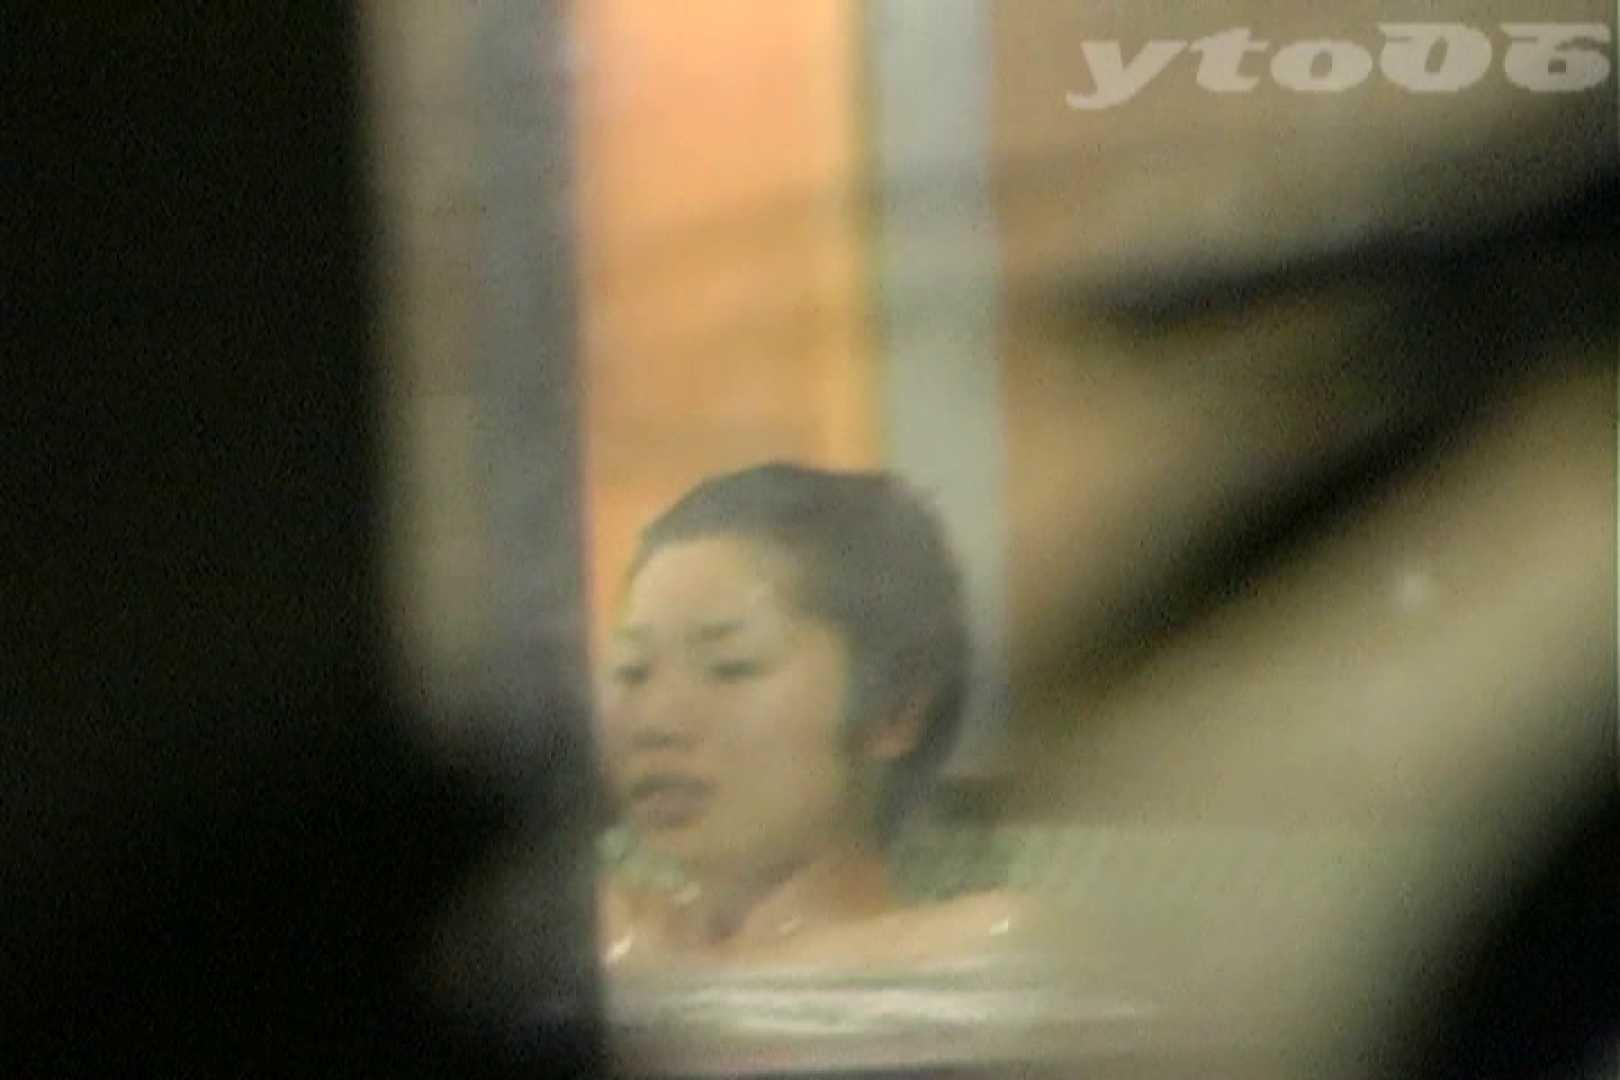 ▲復活限定▲合宿ホテル女風呂盗撮 Vol.36 女風呂着替え編 盗み撮り動画 98連発 20